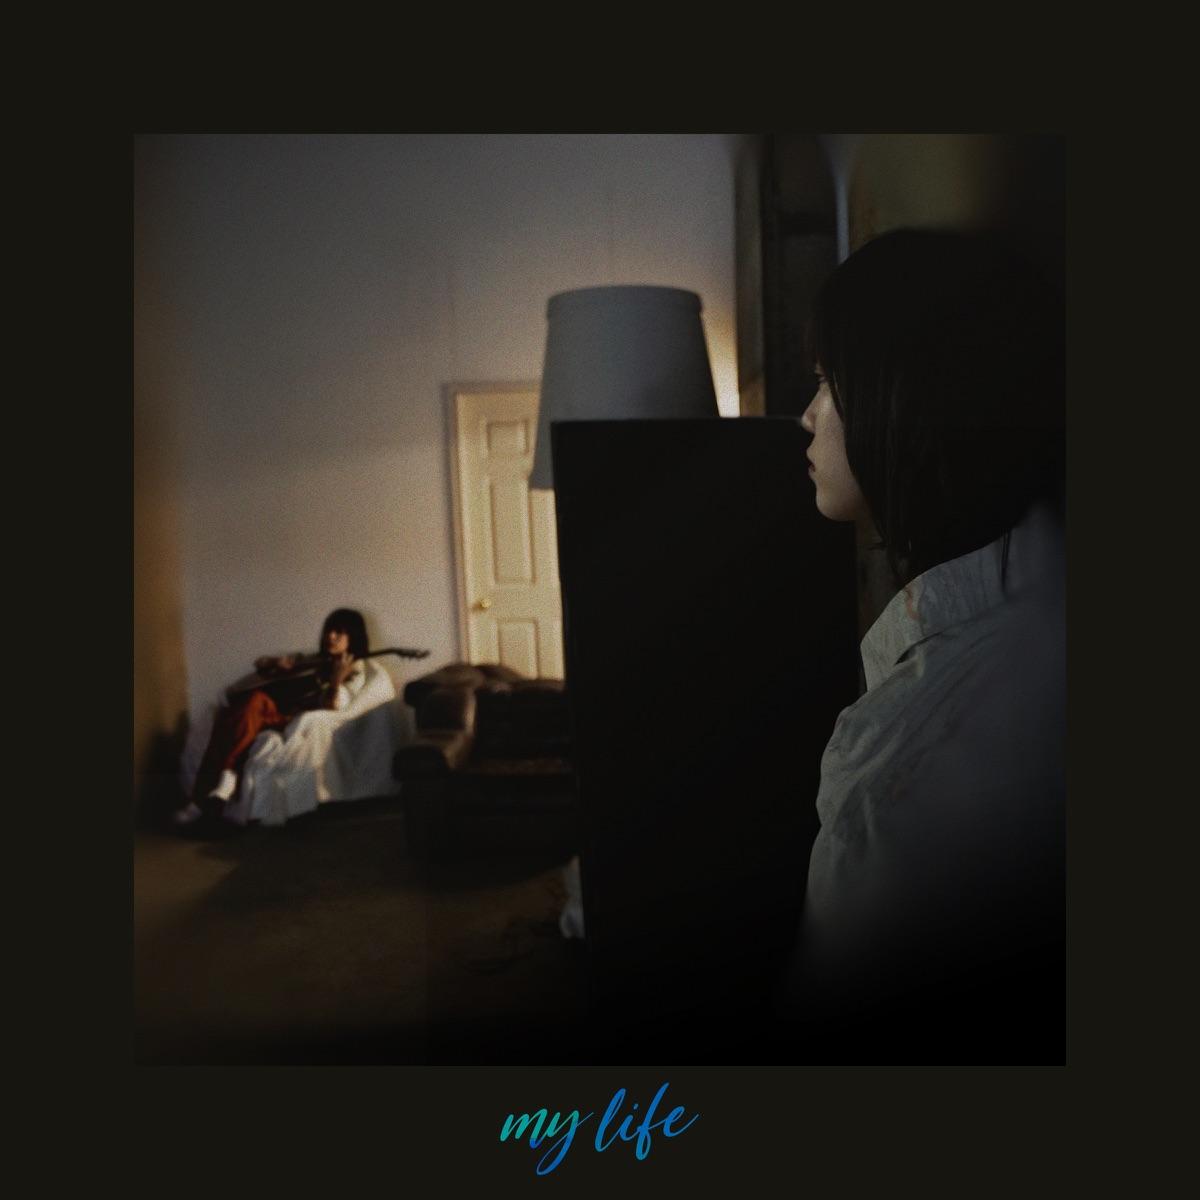 『みゆなmy life』収録の『my life』ジャケット